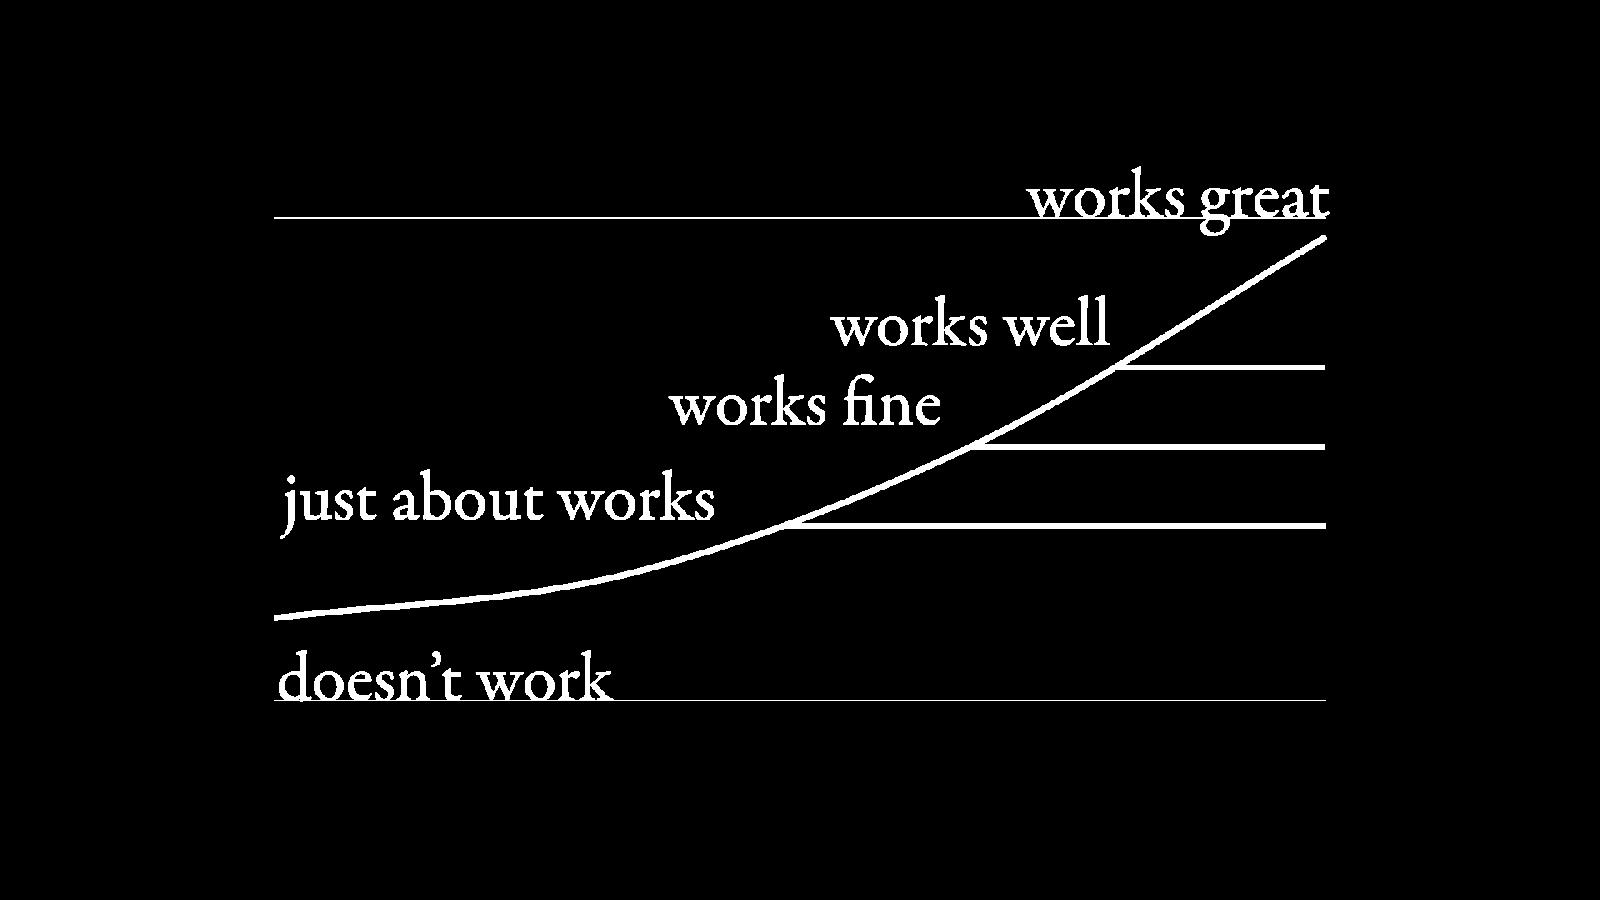 Slide 38